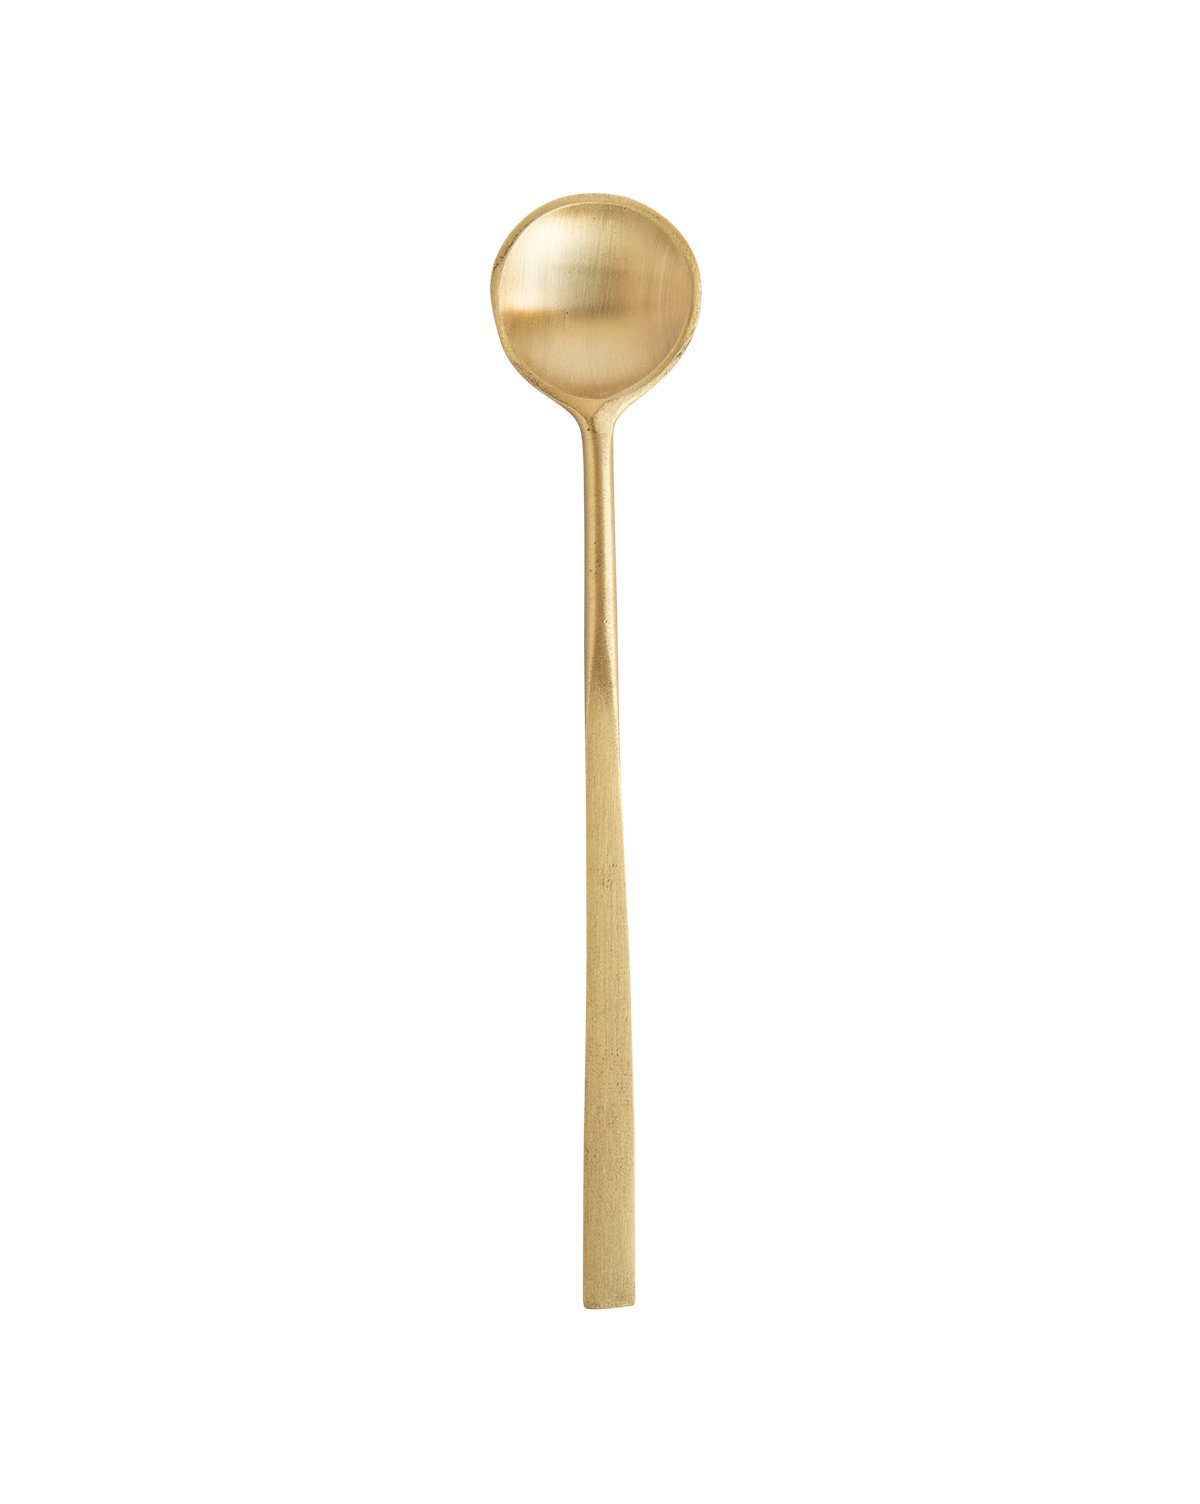 Brass_Tasting_Spoon_1.jpg